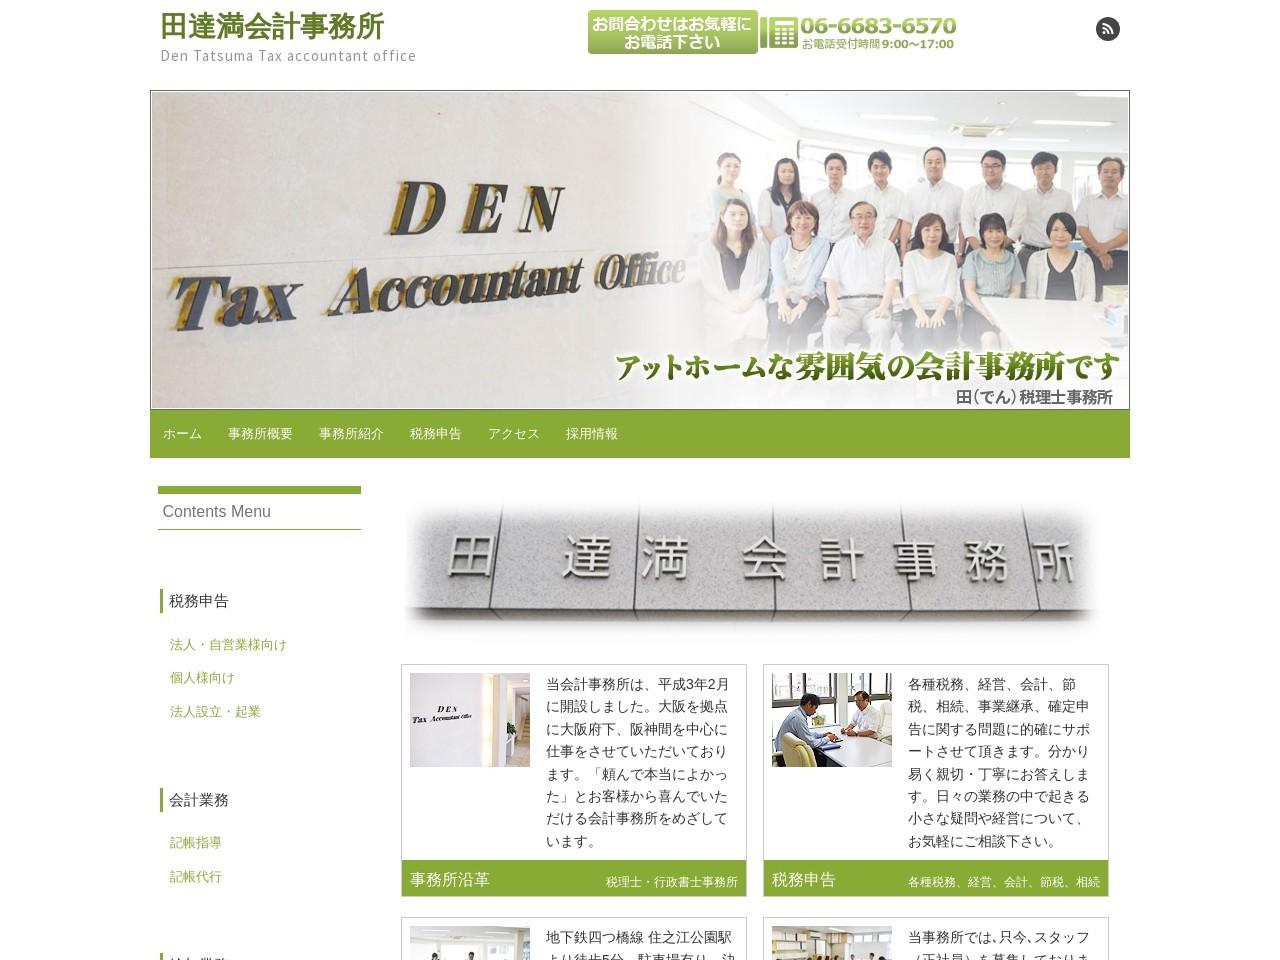 田達満税理士事務所